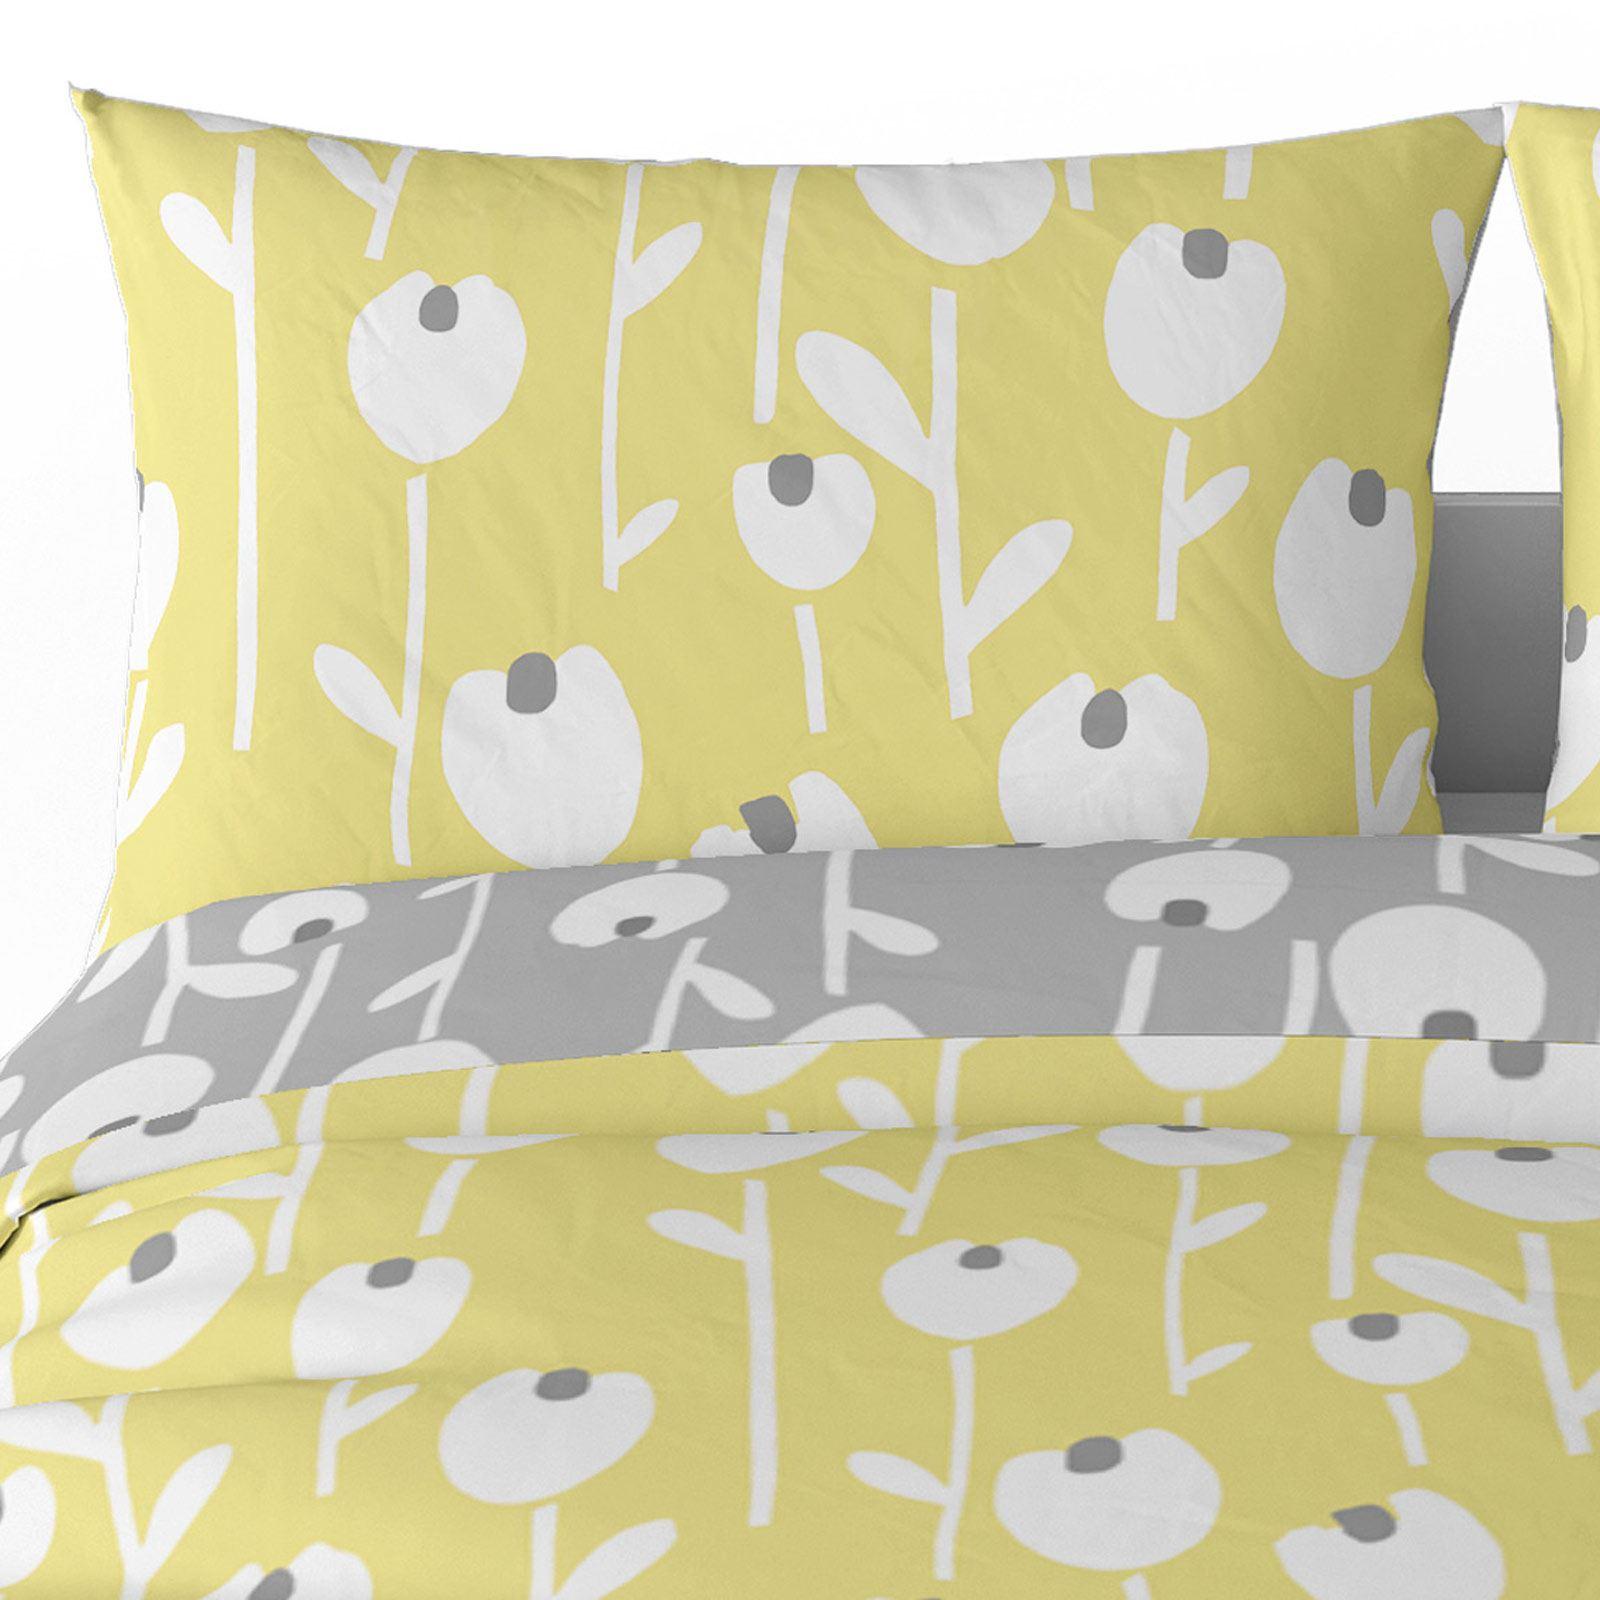 Mostaza-amarillo-ocre-Funda-de-edredon-impreso-Edredon-juego-ropa-de-cama-cubre-conjuntos miniatura 4